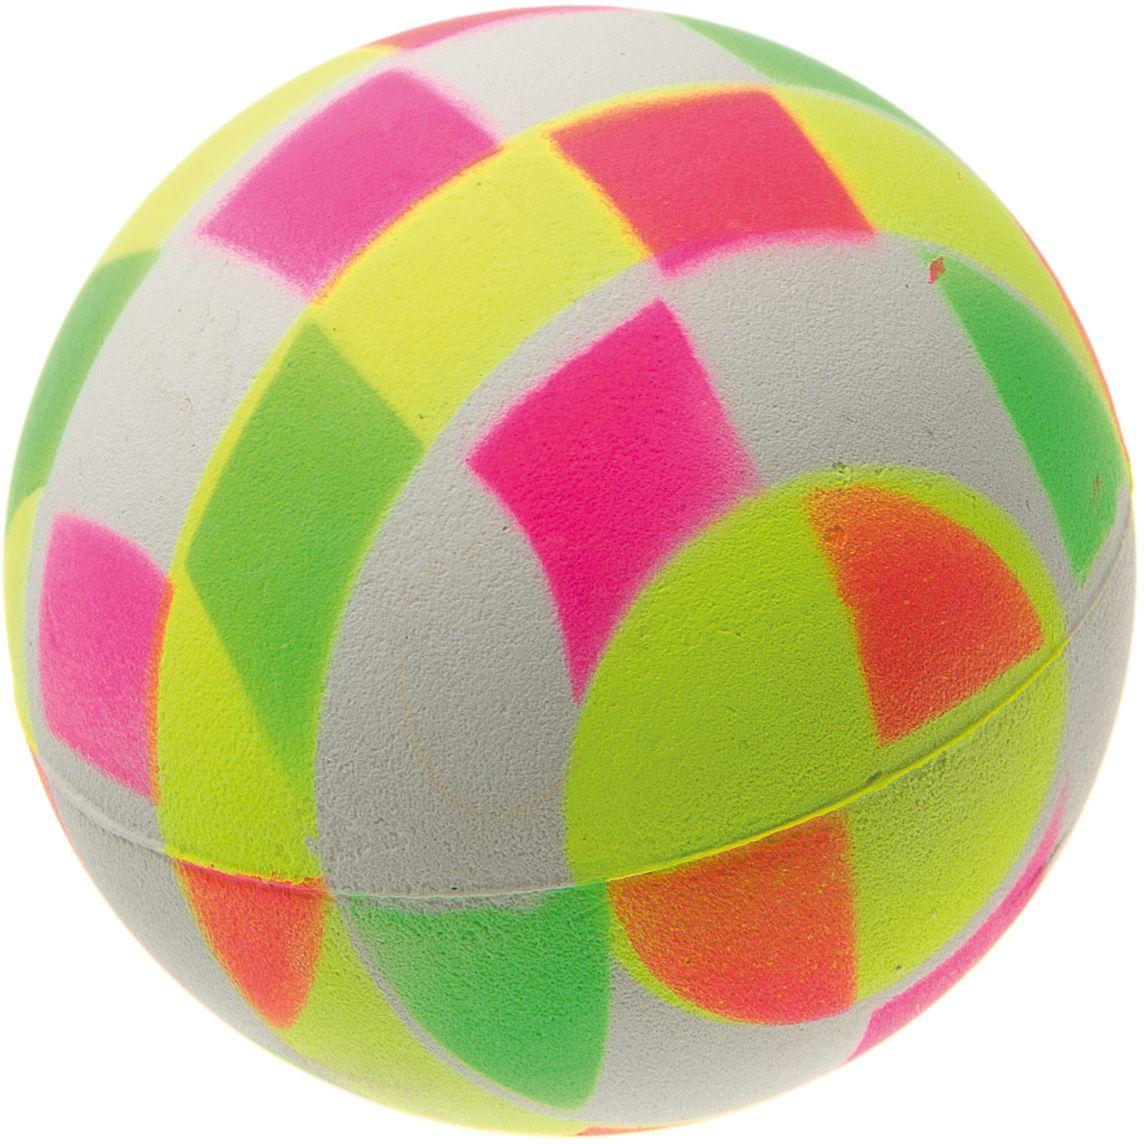 Мяч V.I.Pet Неон, цвет: мультиколор, 63 мм. 20-112020-1120